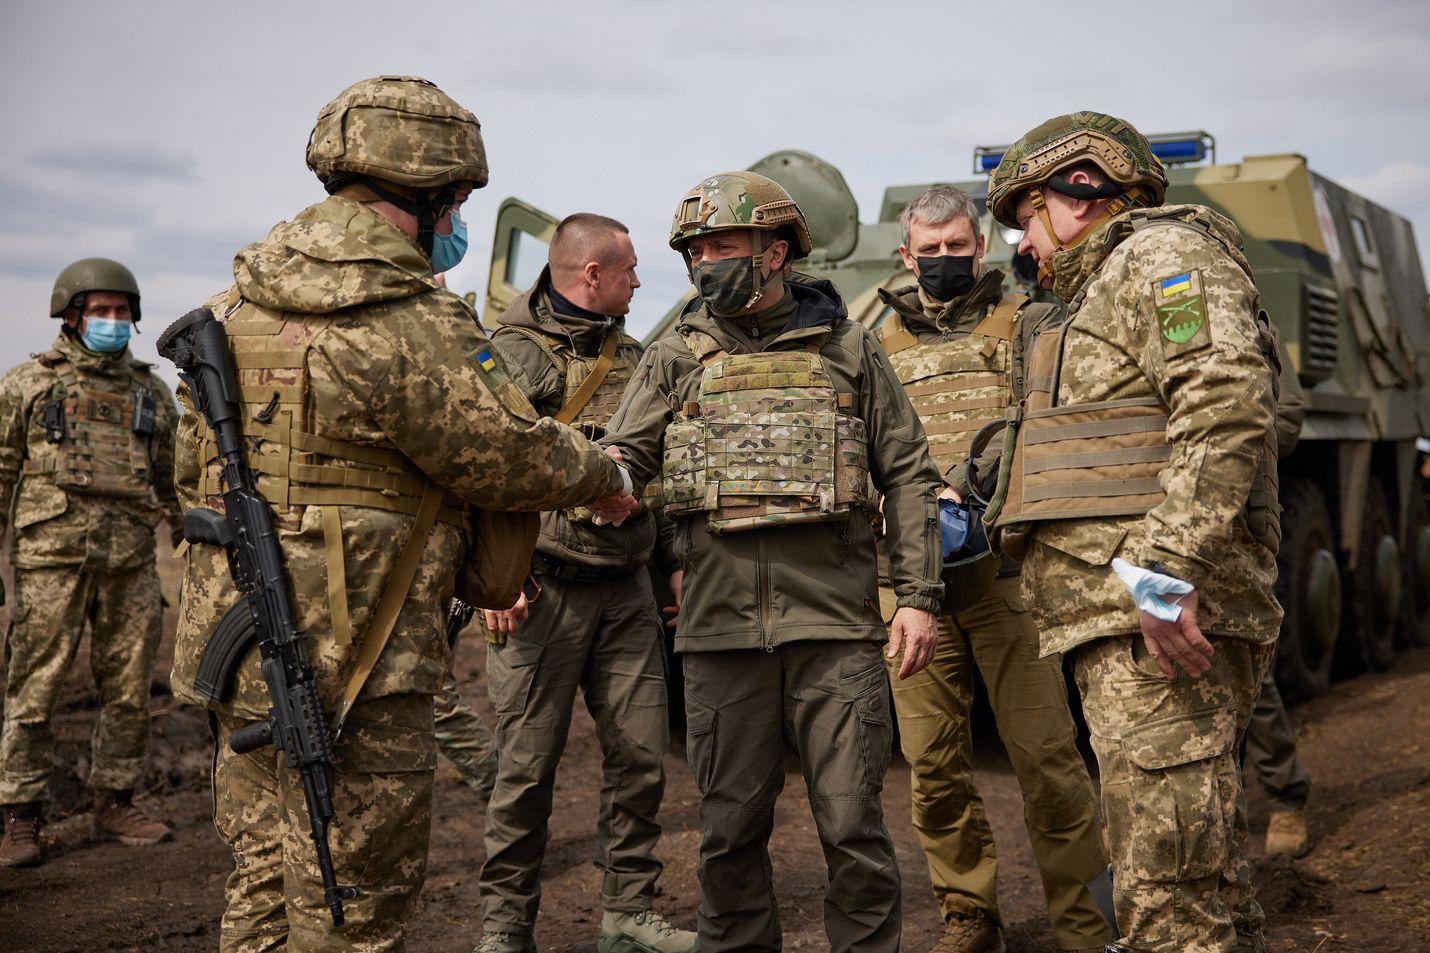 Ukrainan presidentti Volodymyr Zelenskyi (keskellä) vieraili perjantaina Itä-Ukrainassa Donetskin rintamalla tapaamassa joukkoja, jotka ovat valmiina Venäjän hyökkäyksen varalta.